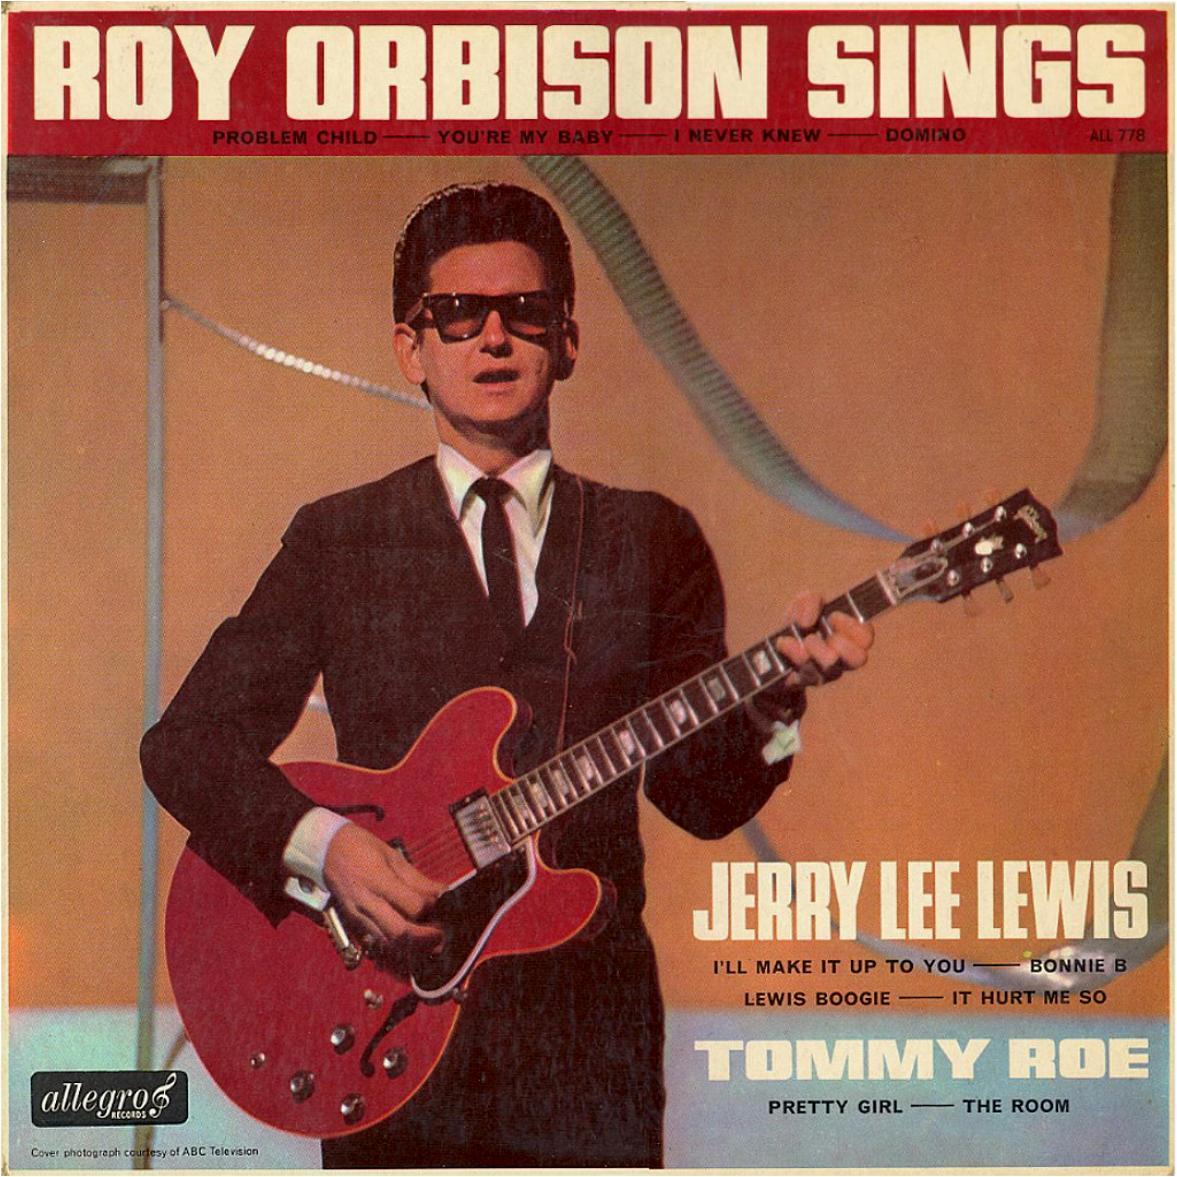 Roy Orbison Sings ALL778